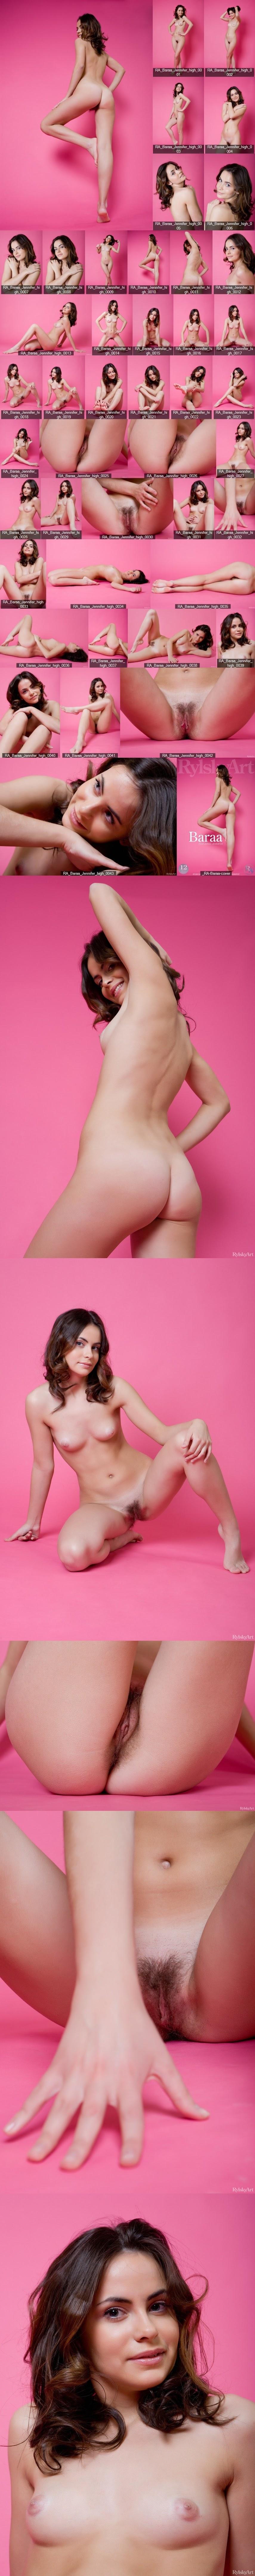 rylskyart  2014-06-05 jennifer - baraa  x43  2800x4200 sexy girls image jav